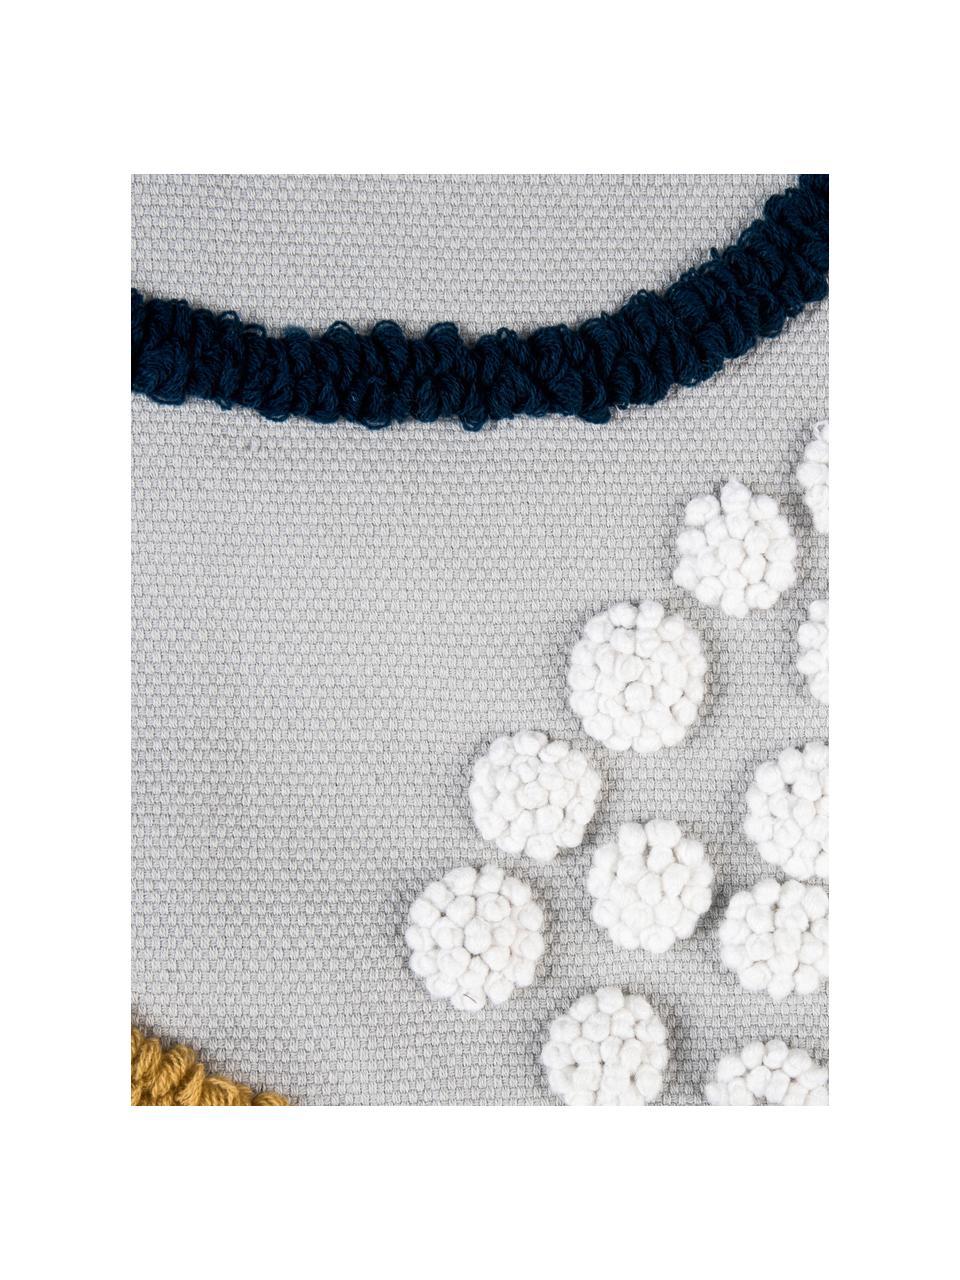 Kissenhüllen Pablo mit abstrakter Verzierung, 2er-Set, 100% Baumwolle, Vorderseite: MehrfarbigRückseite: Weiß, 45 x 45 cm